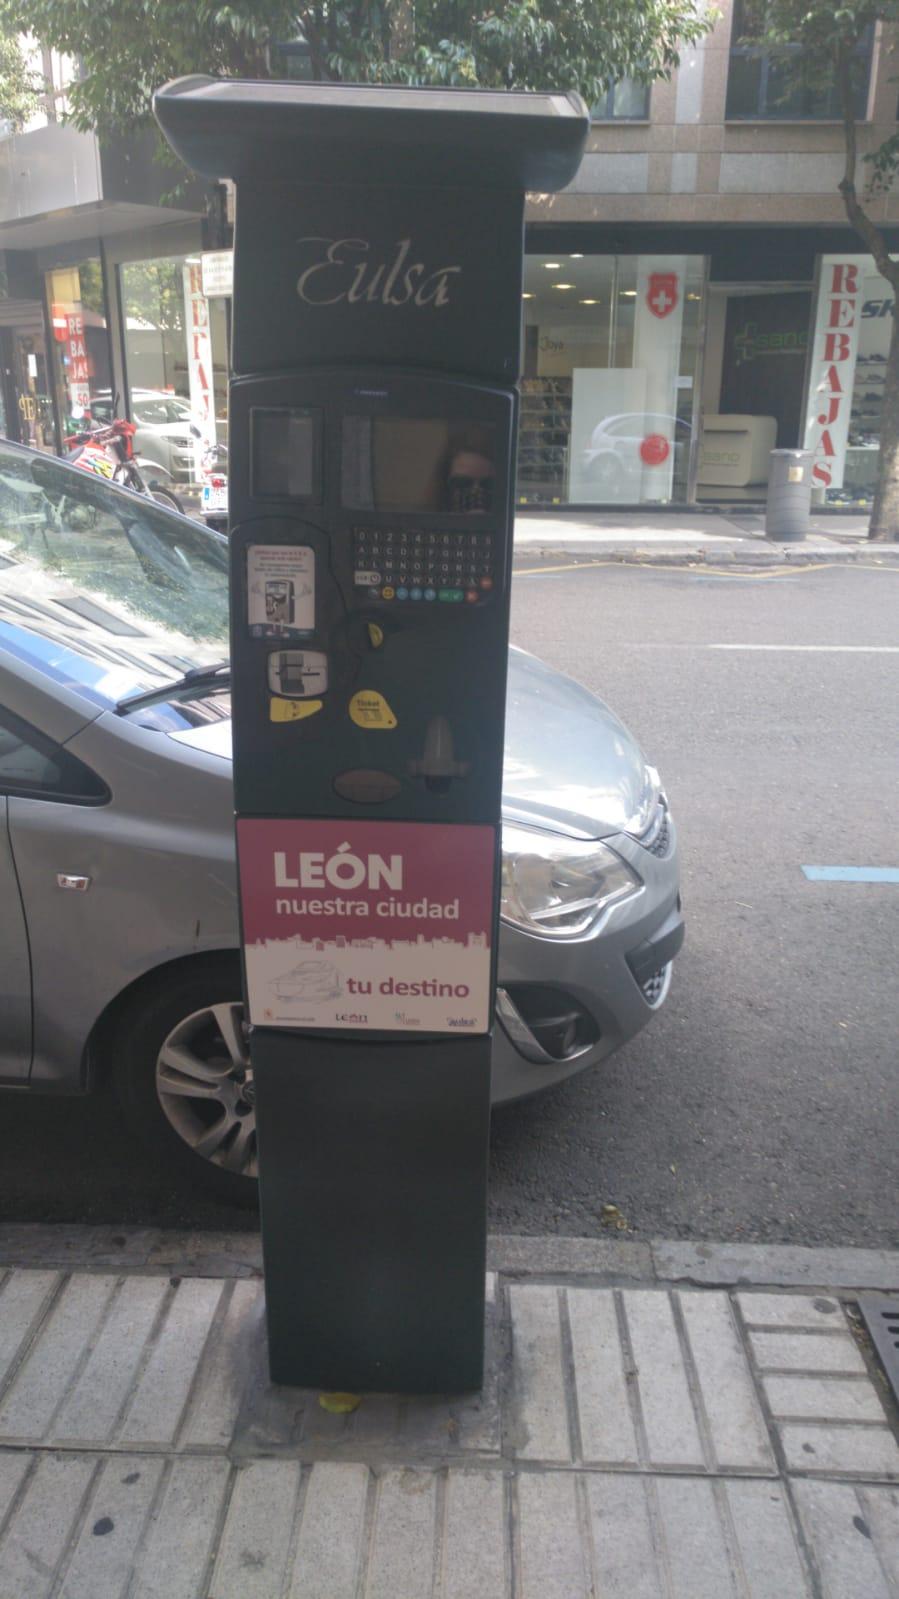 La ORA en León será gratis este sábado